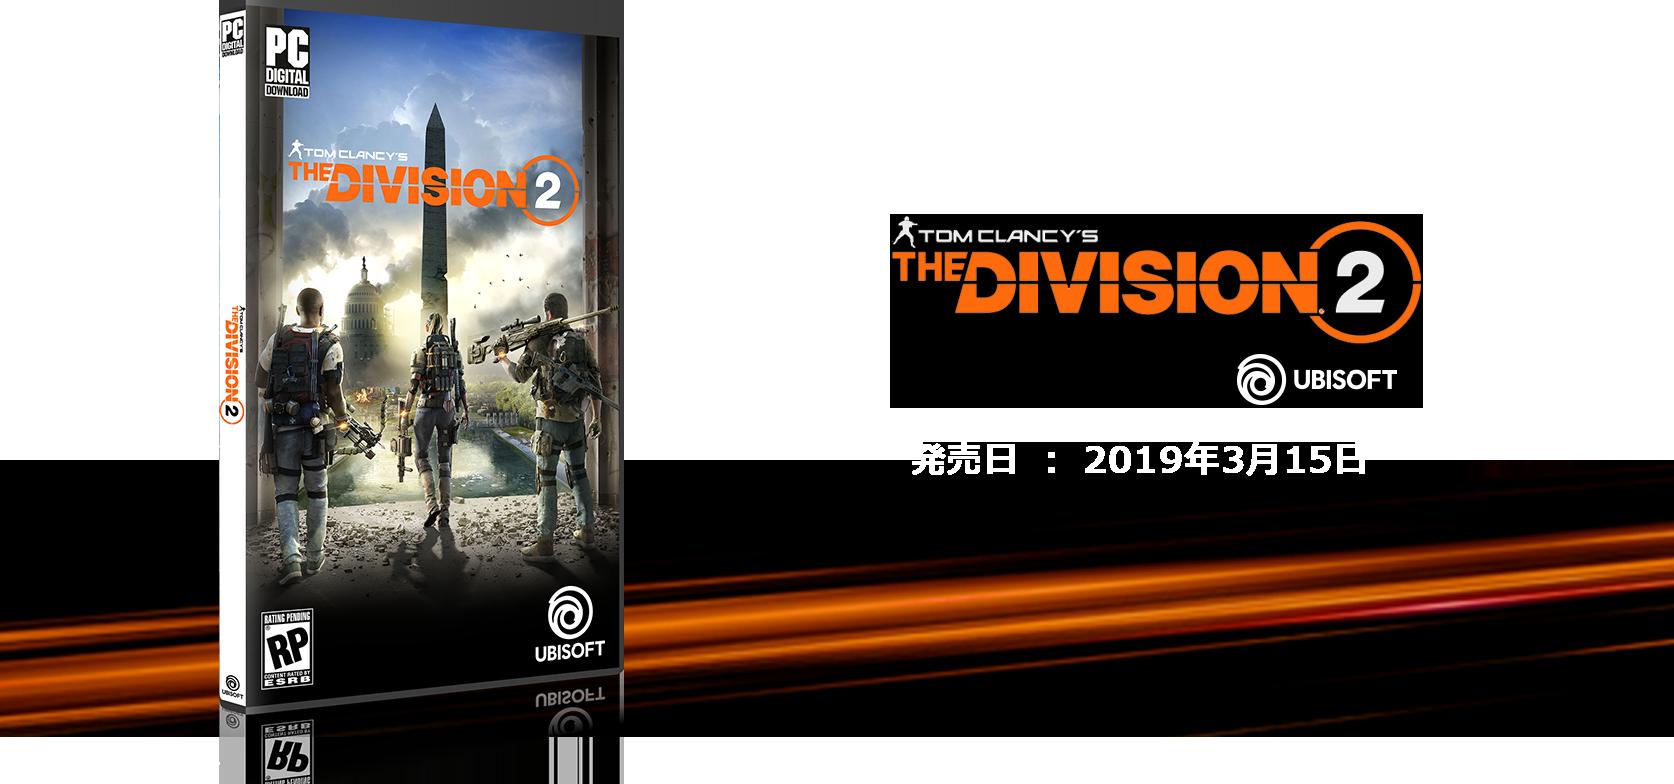 AMDのRyzen7/5単体またはPC購入で「Tom Clancy's The Division 2」ゲームがもらえる。~4/6。